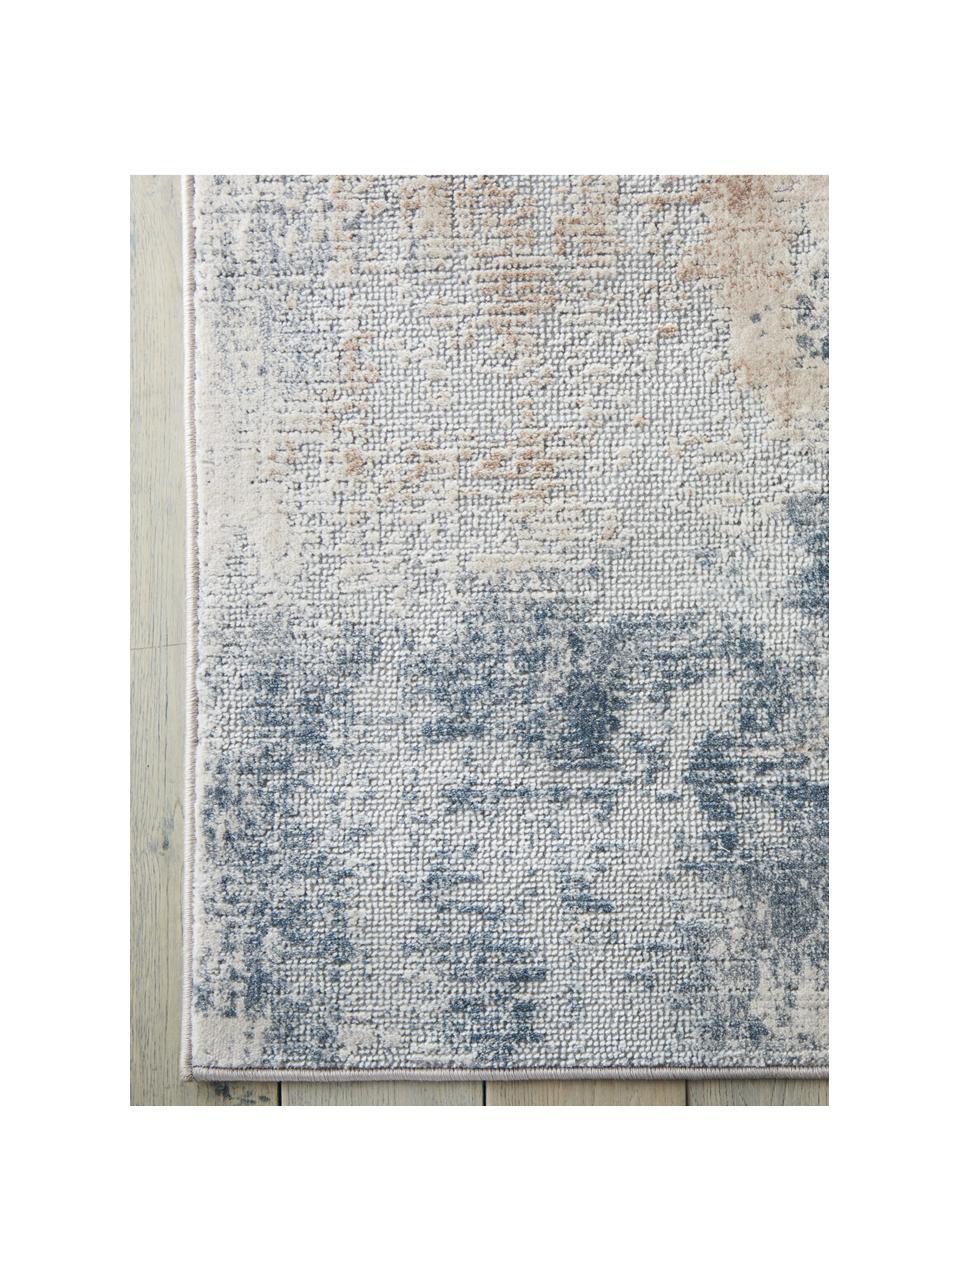 Dywan Rustic Textures II, Odcienie beżowego, szary, S 240 x D 320 cm (Rozmiar L)